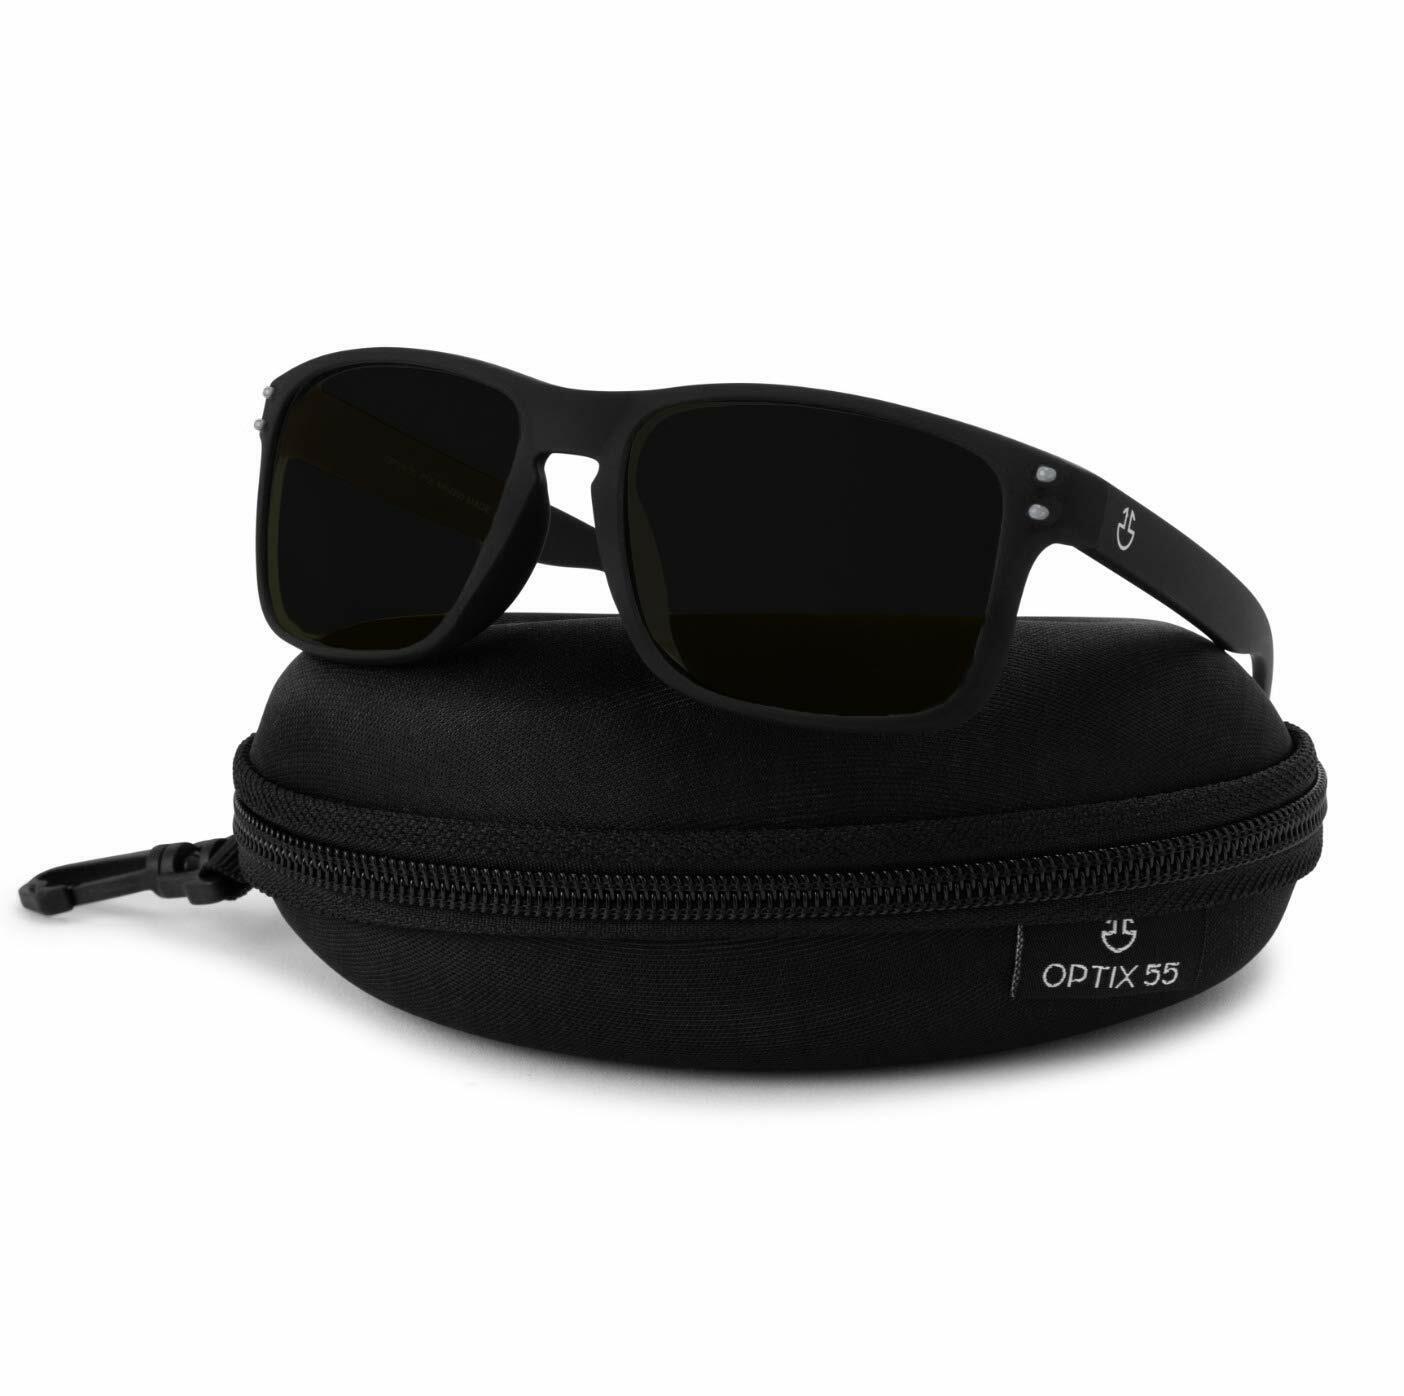 Optix 55 Polarized Glasses for Men /& Women Night Black //Night Vision